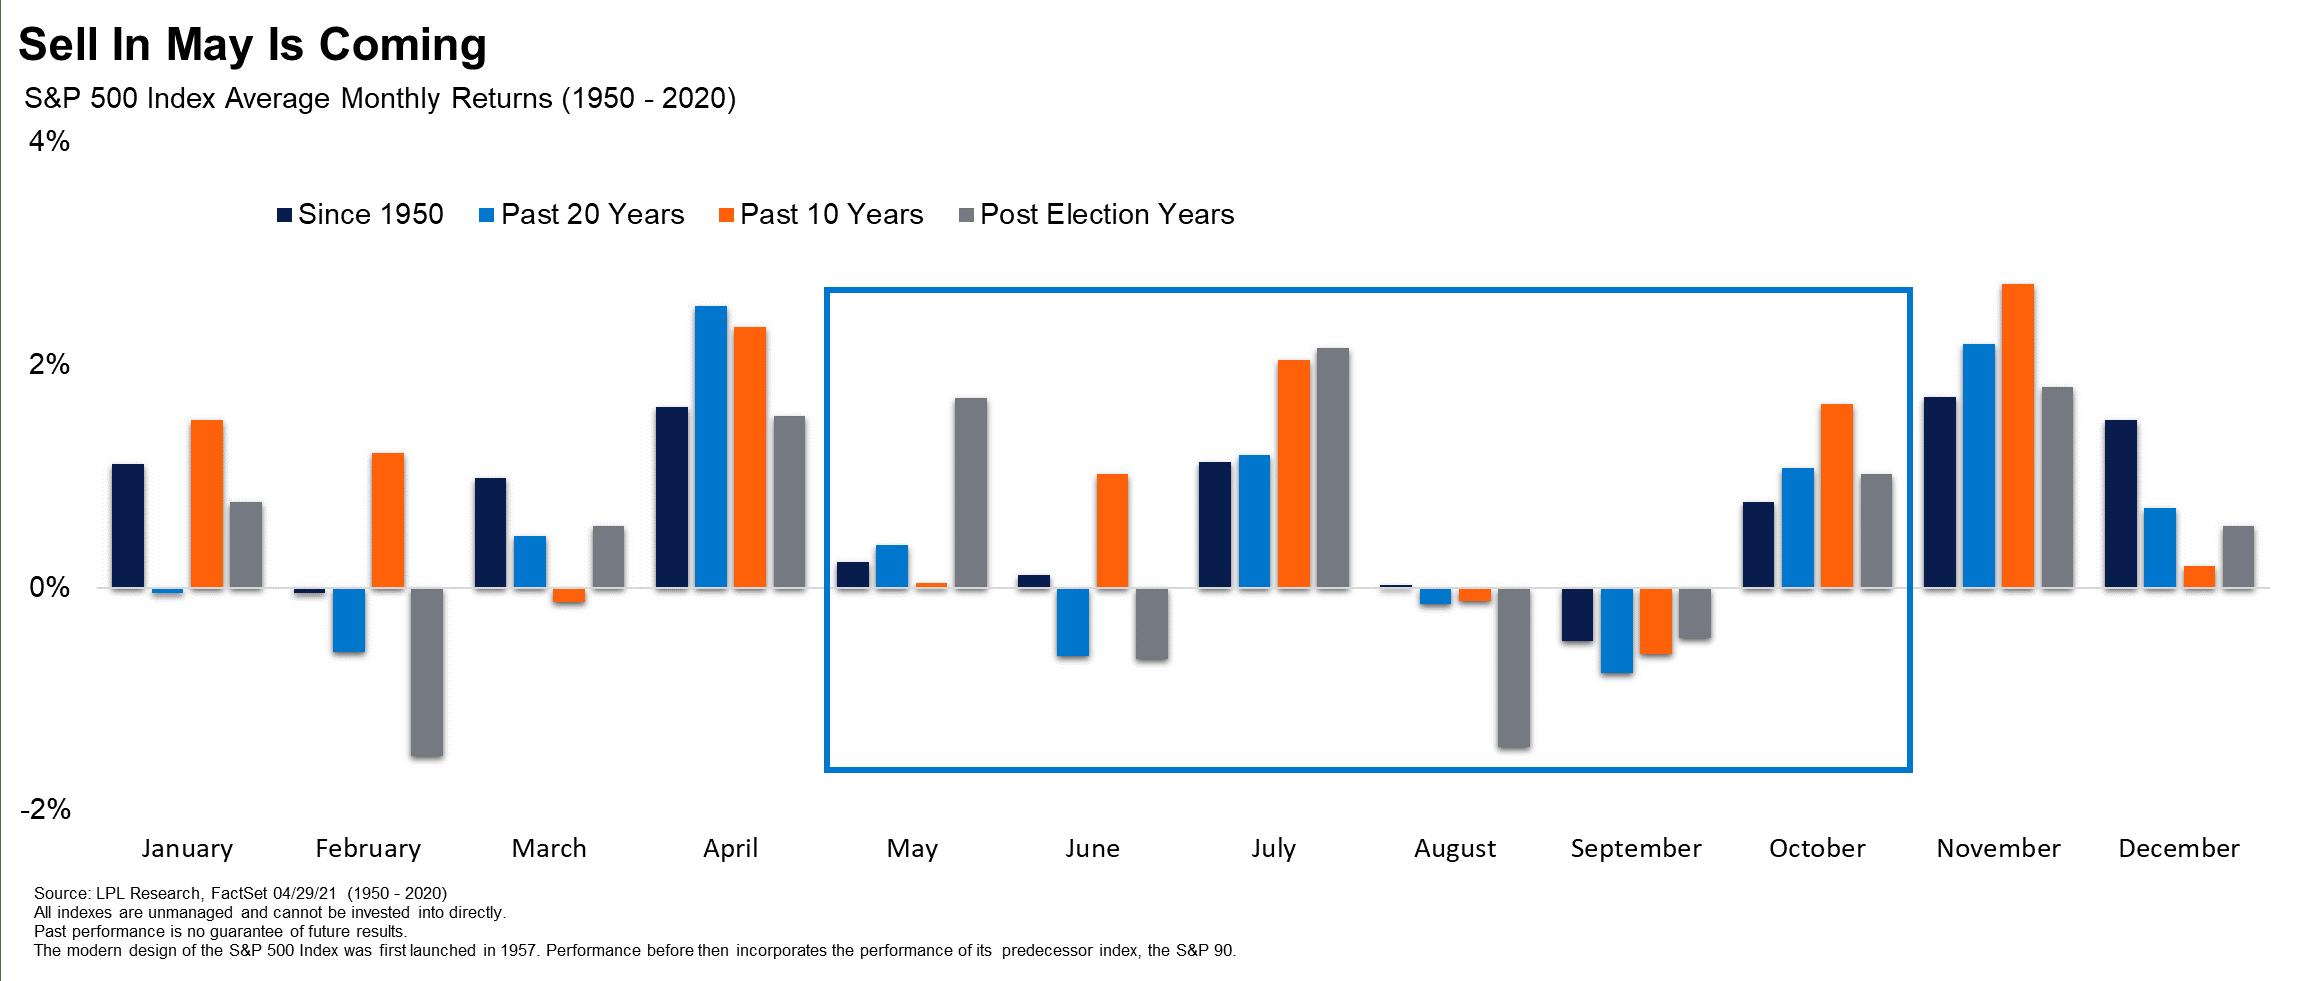 5月已至!美股该不该卖出?华尔街如今有了新说法